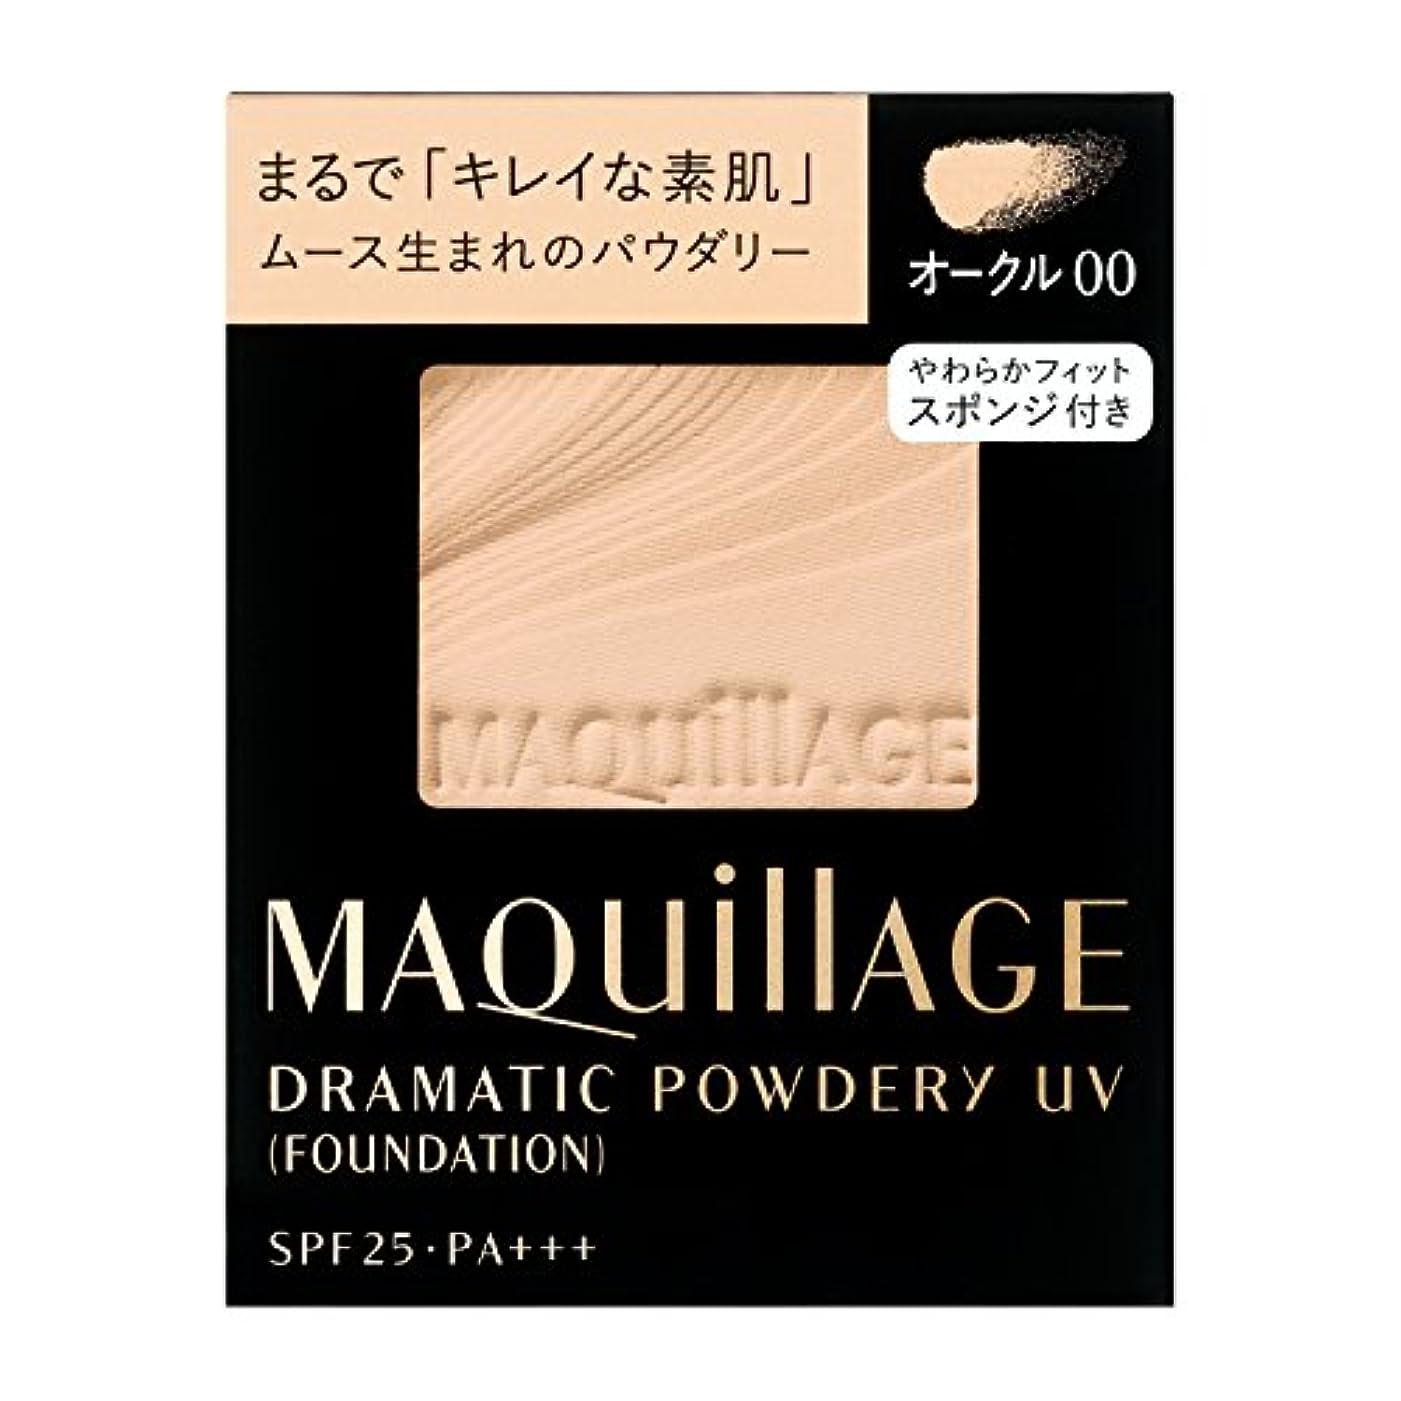 痛みコーヒー文法[2個セット]マキアージュ ドラマティックパウダリー UV オークル00 (レフィル) 9.3g×2個